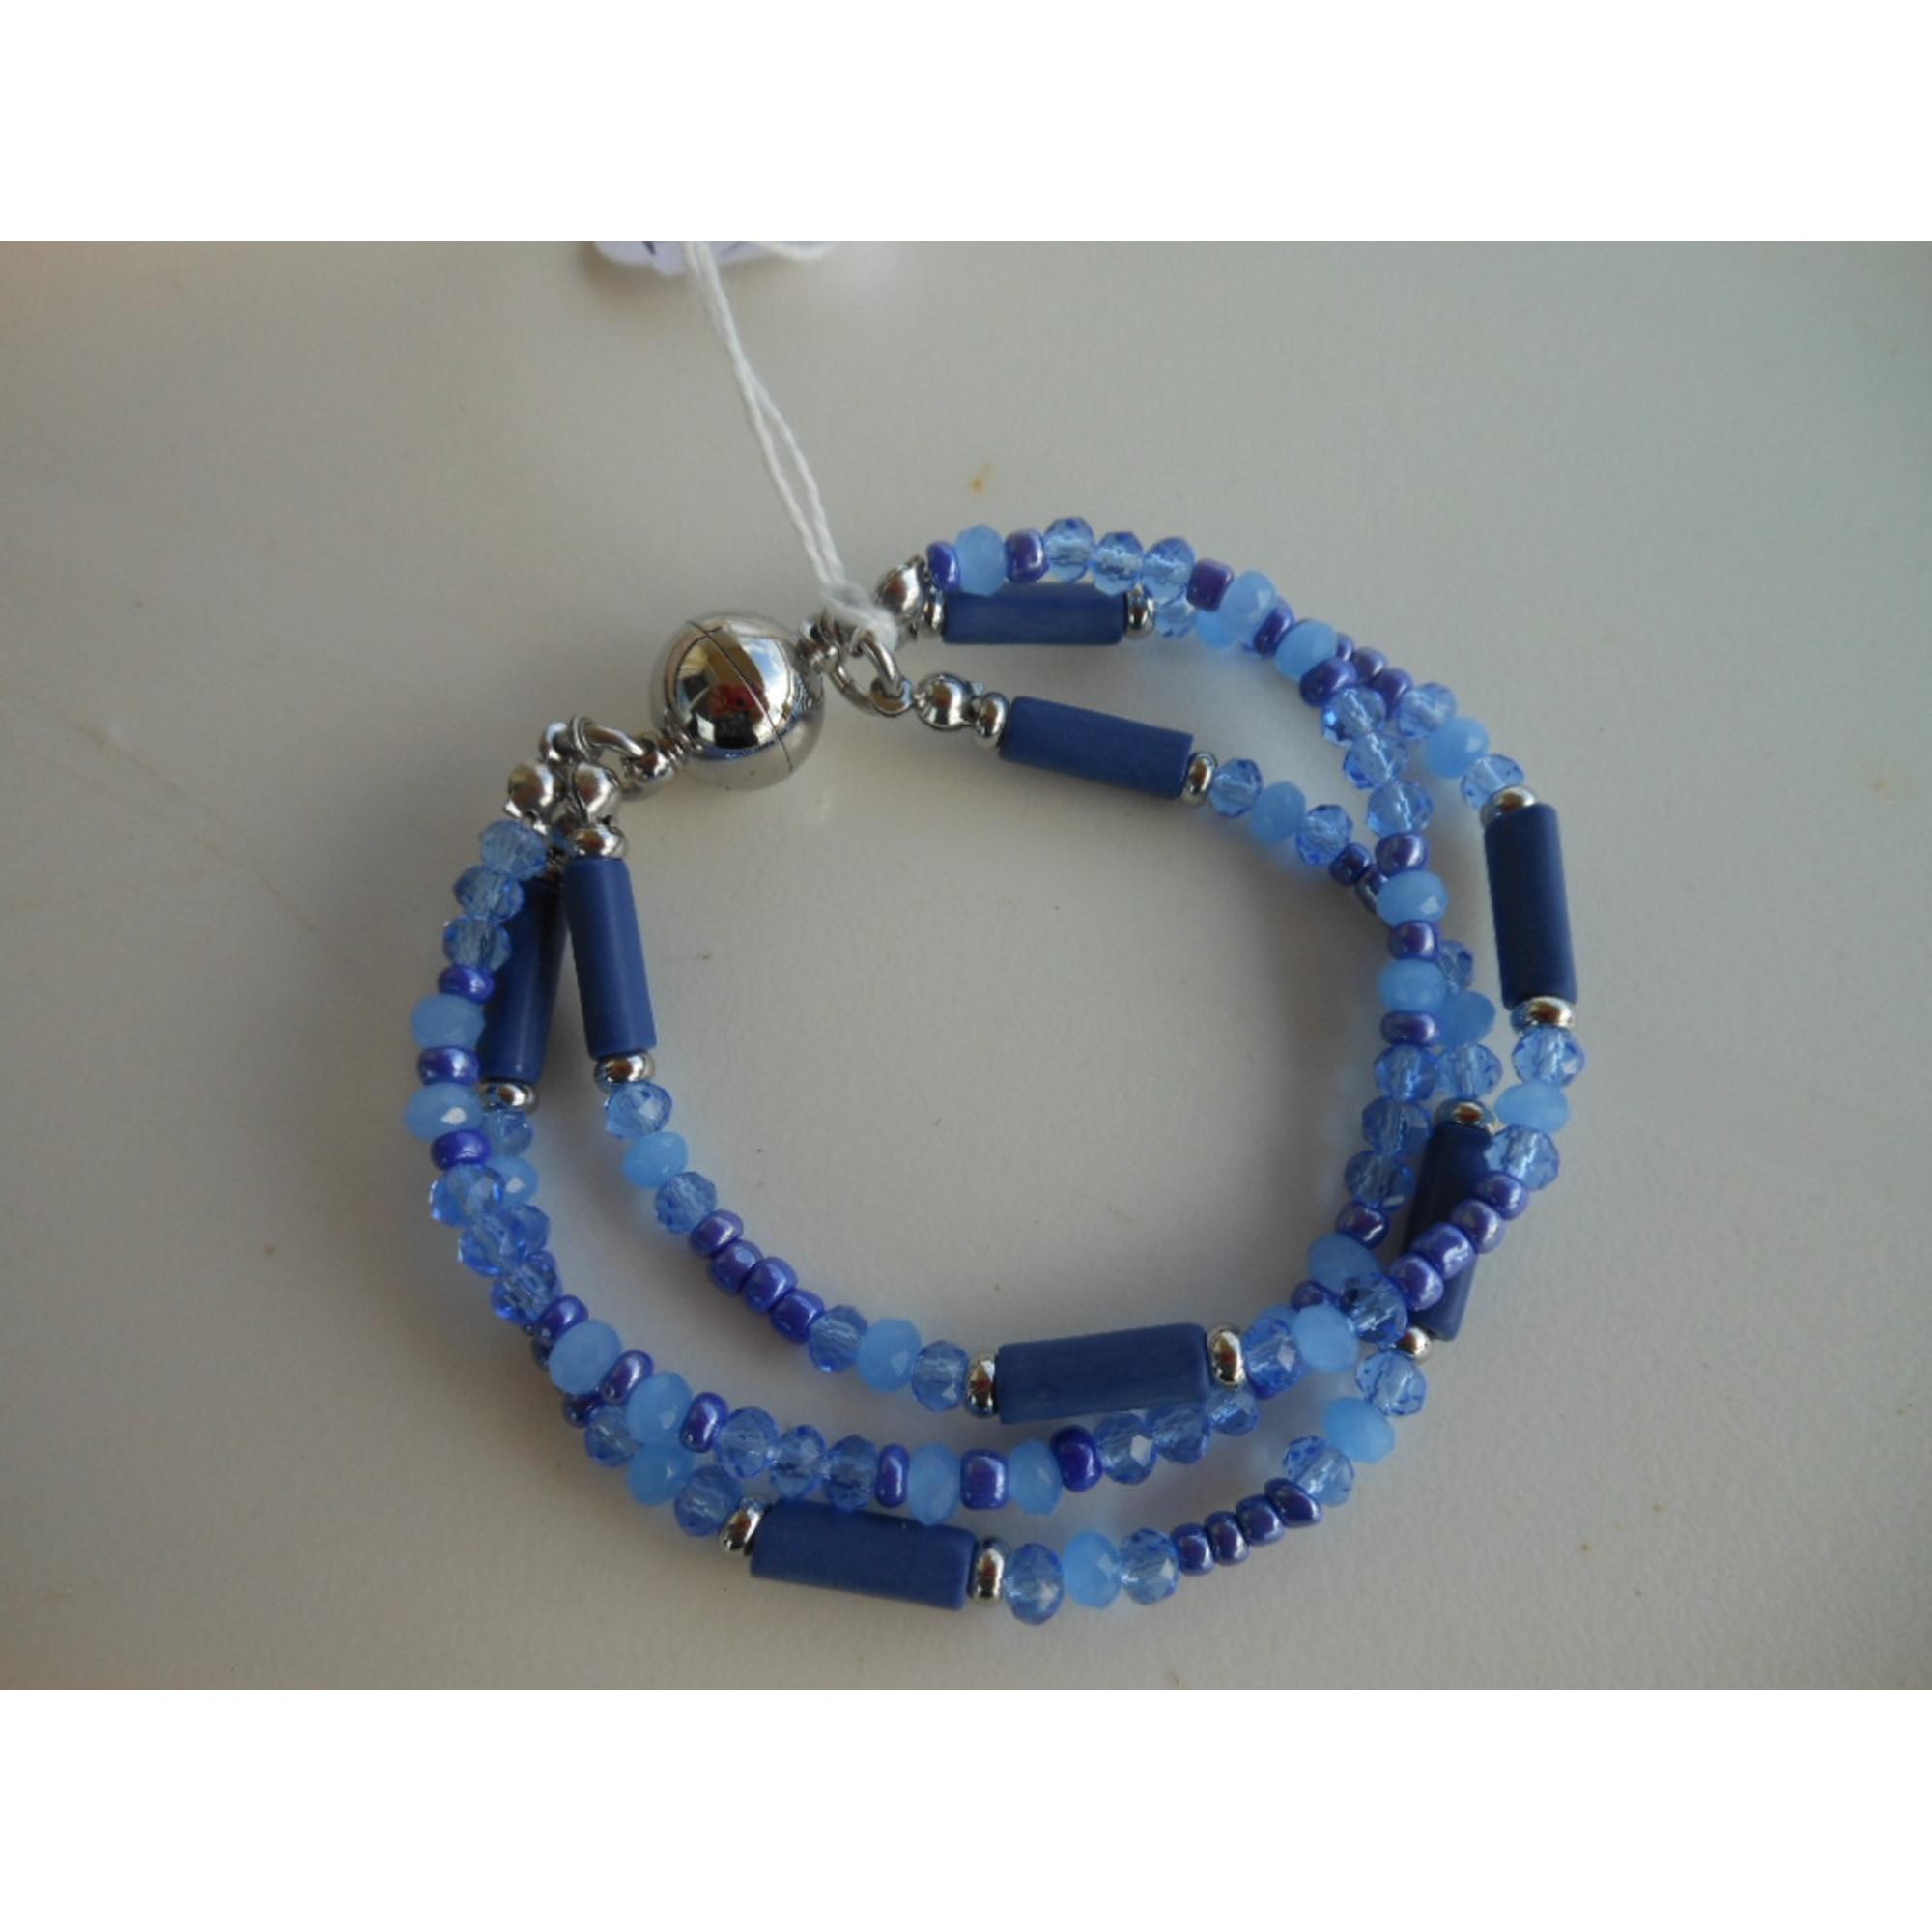 Bracelet ZABOK Bleu, bleu marine, bleu turquoise